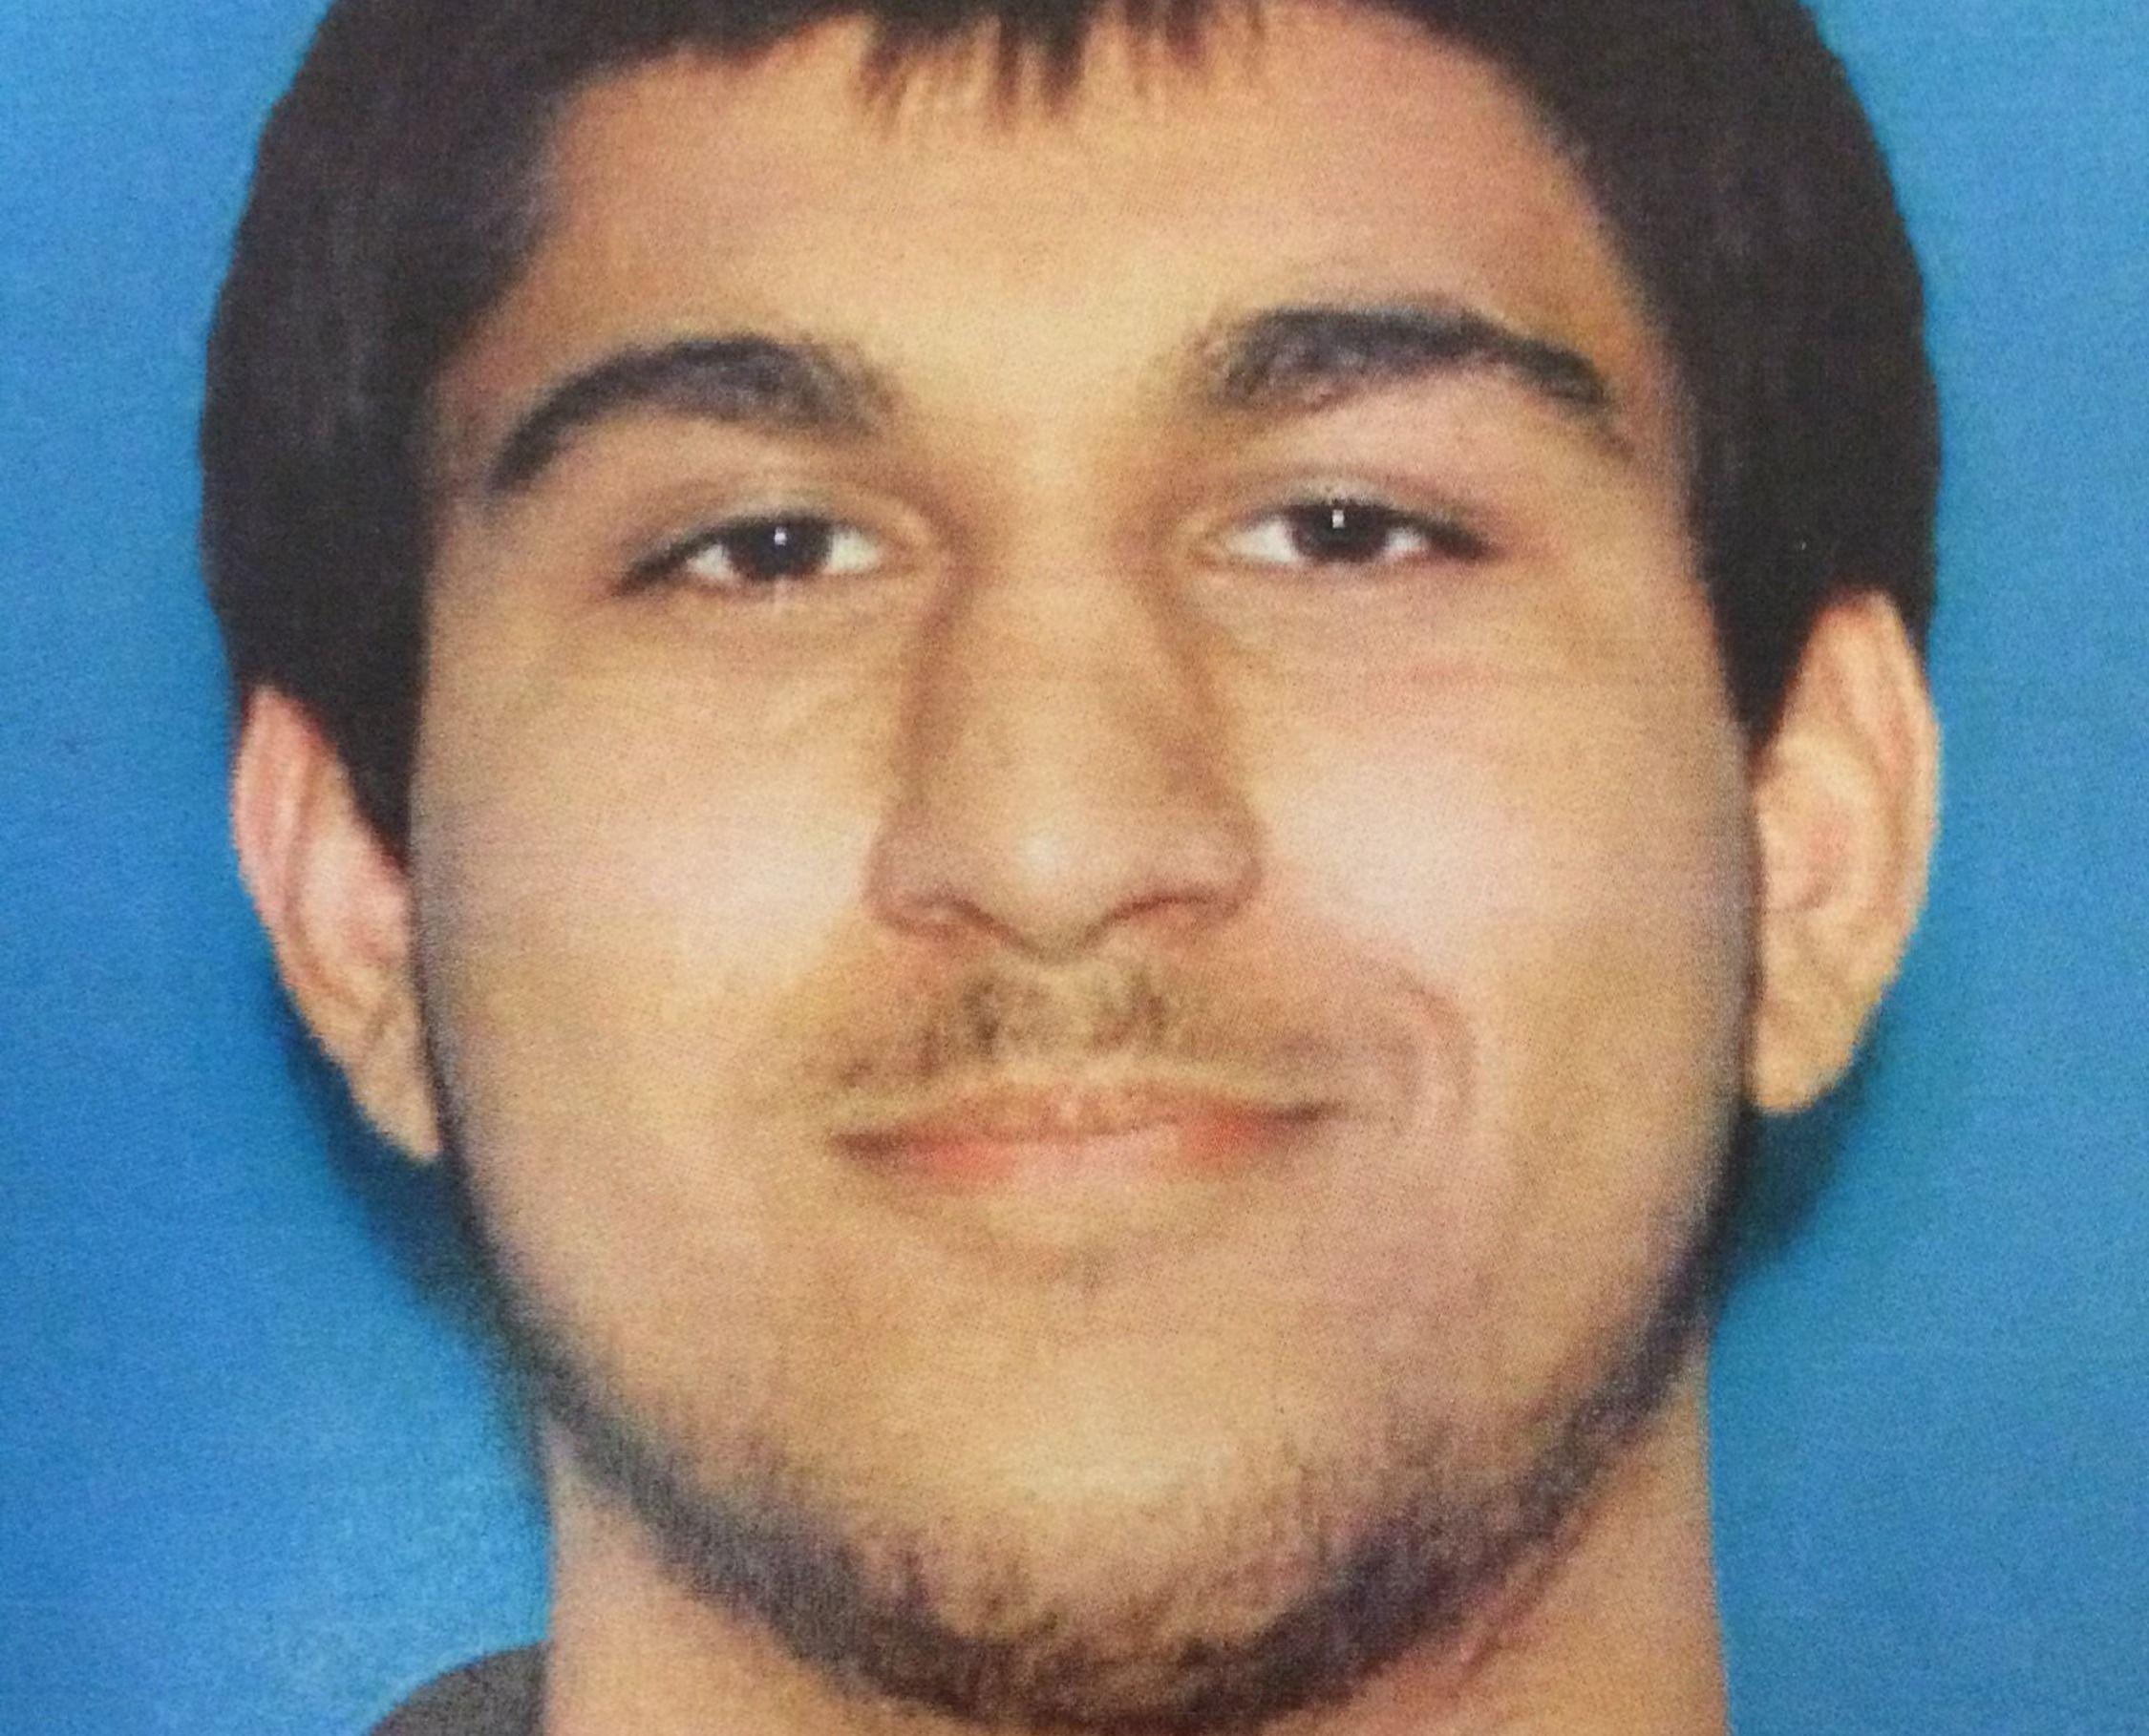 підозрюваний у стрілянині в торговому центрі Берлінгтона, Вашингтон